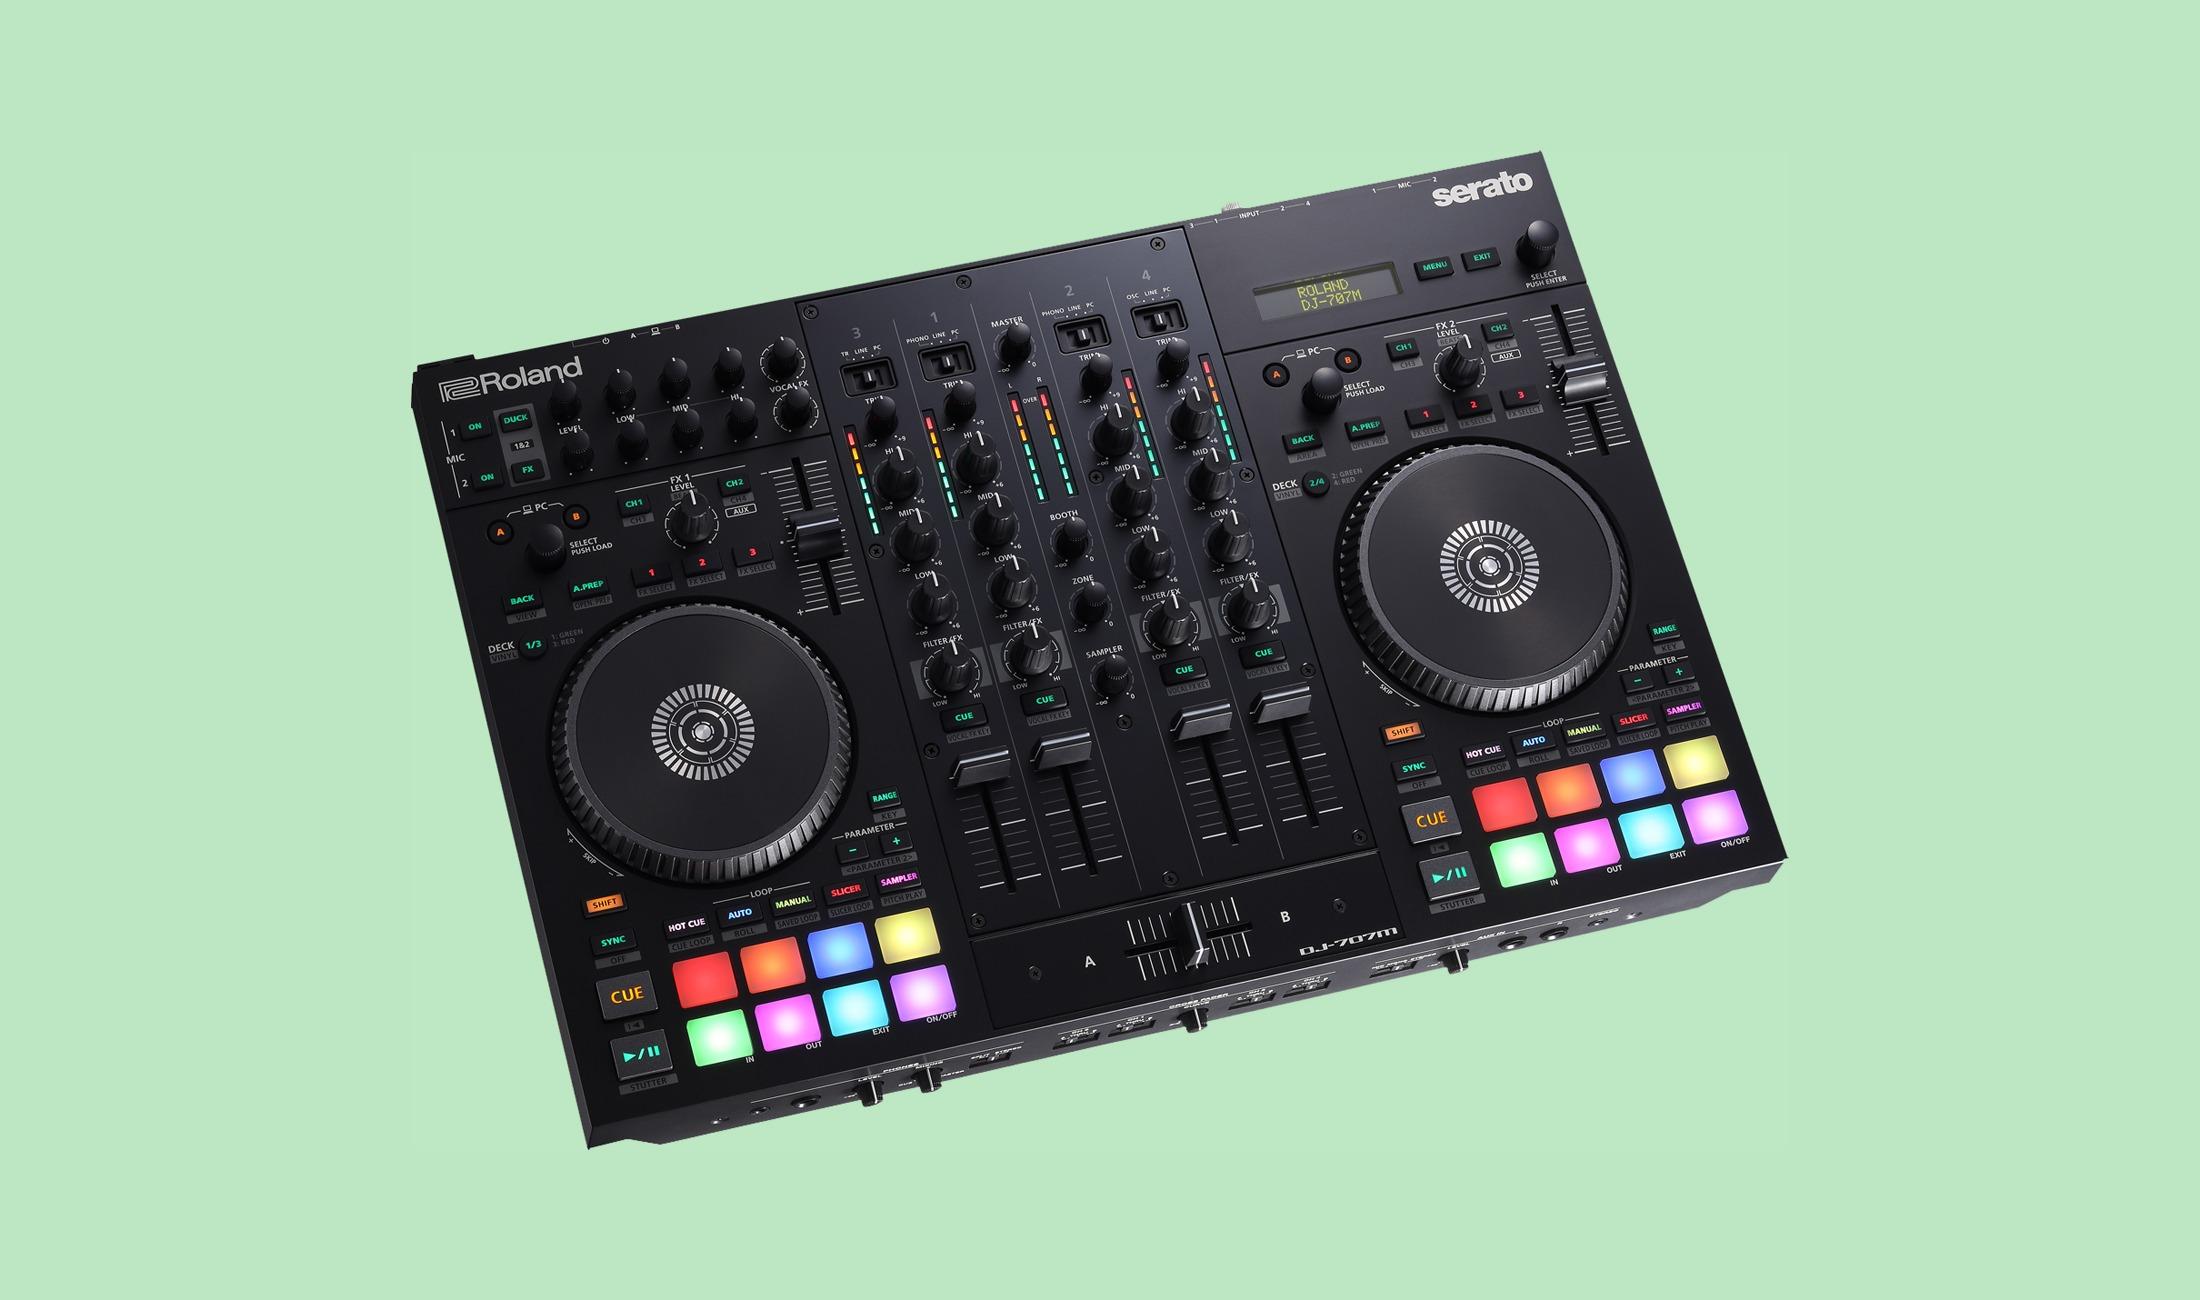 Der Roland DJ-707M DJ-Controller.